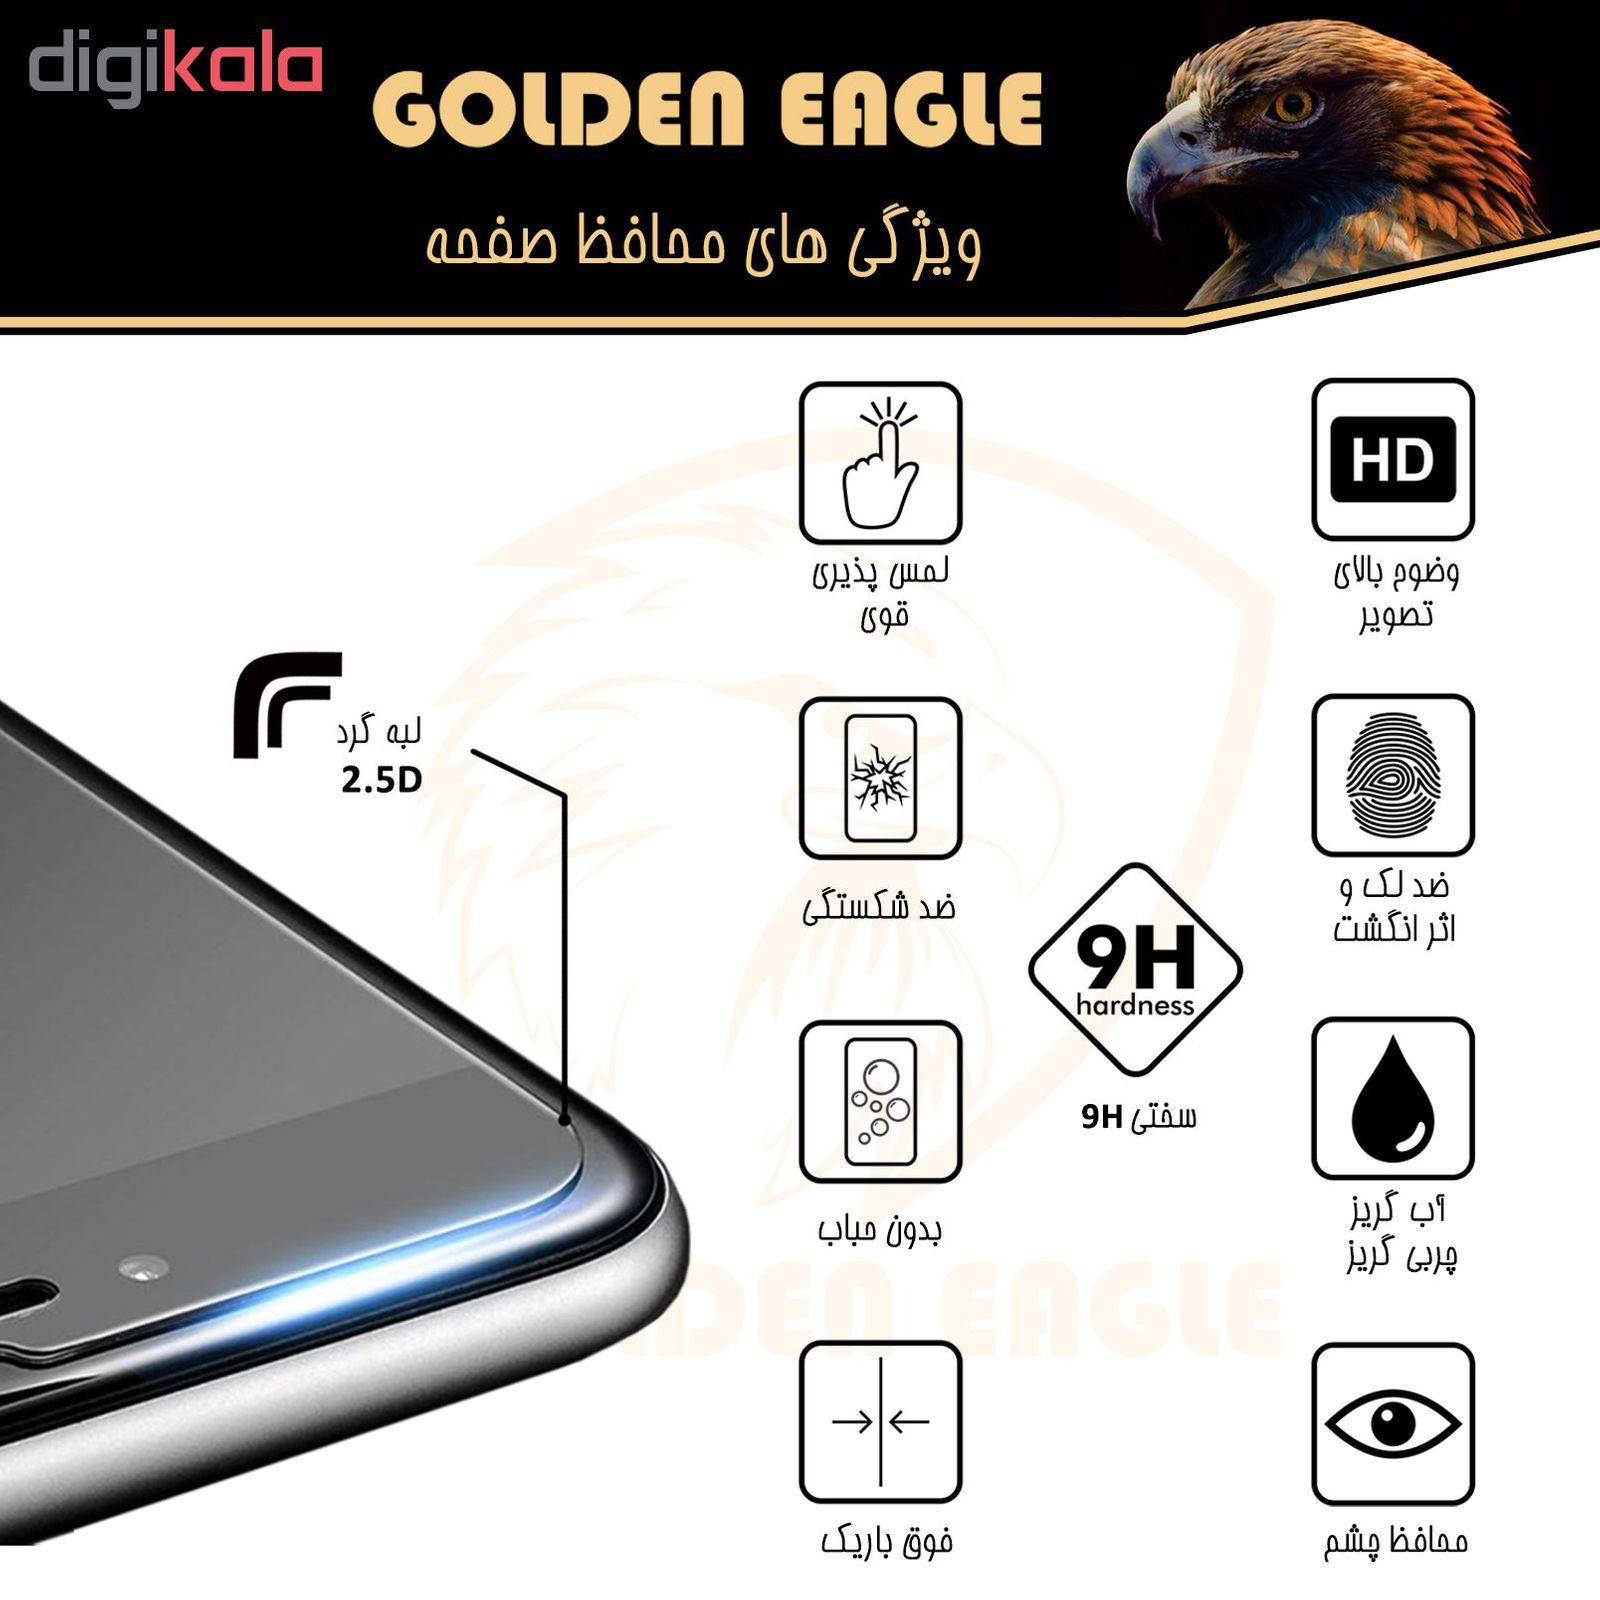 محافظ صفحه نمایش گلدن ایگل مدل GLC-X3 مناسب برای گوشی موبایل سامسونگ Galaxy A50 بسته سه عددی main 1 3